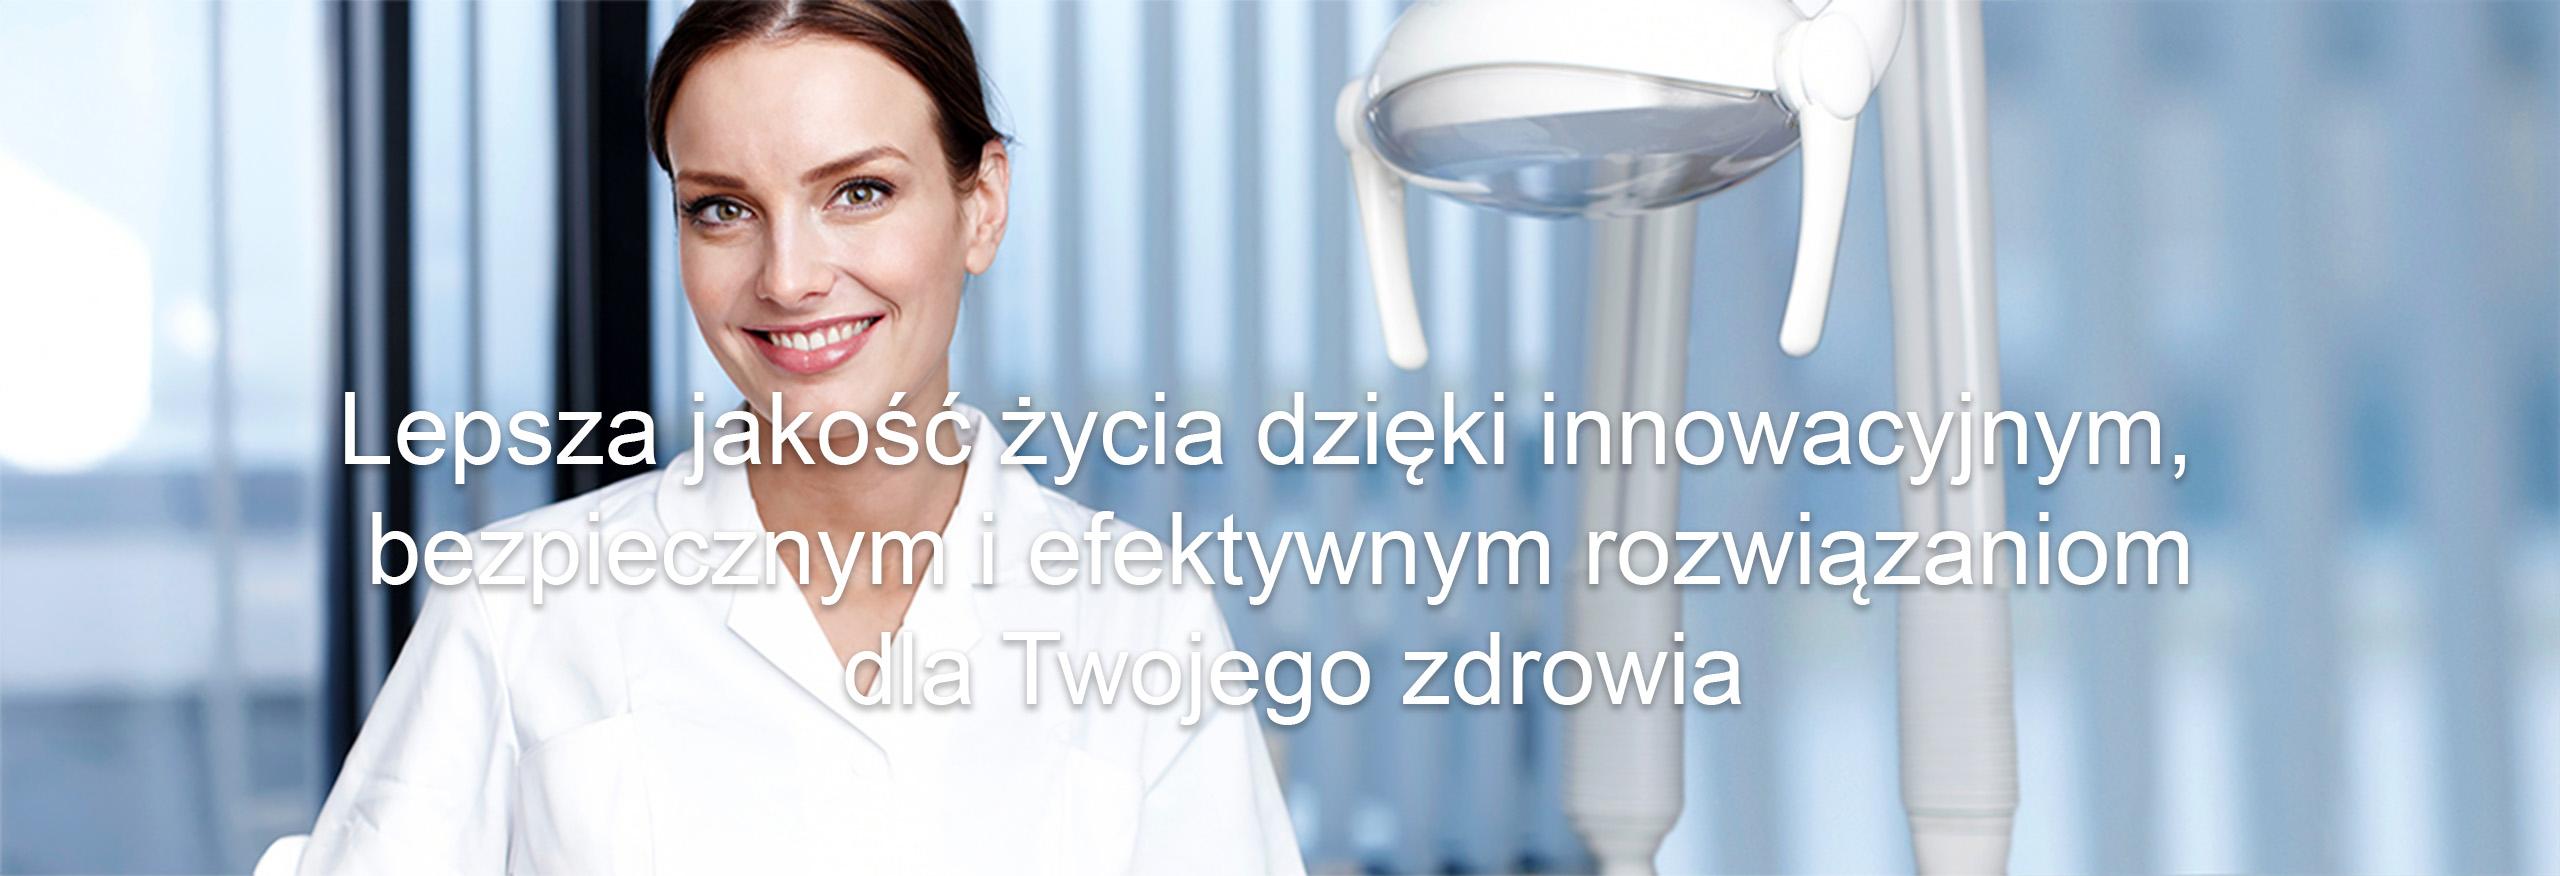 Lepsza jakość życia dzięki innowacyjnym, bezpiecznym i efektywnym rozwiązaniom dla Twojego zdrowia